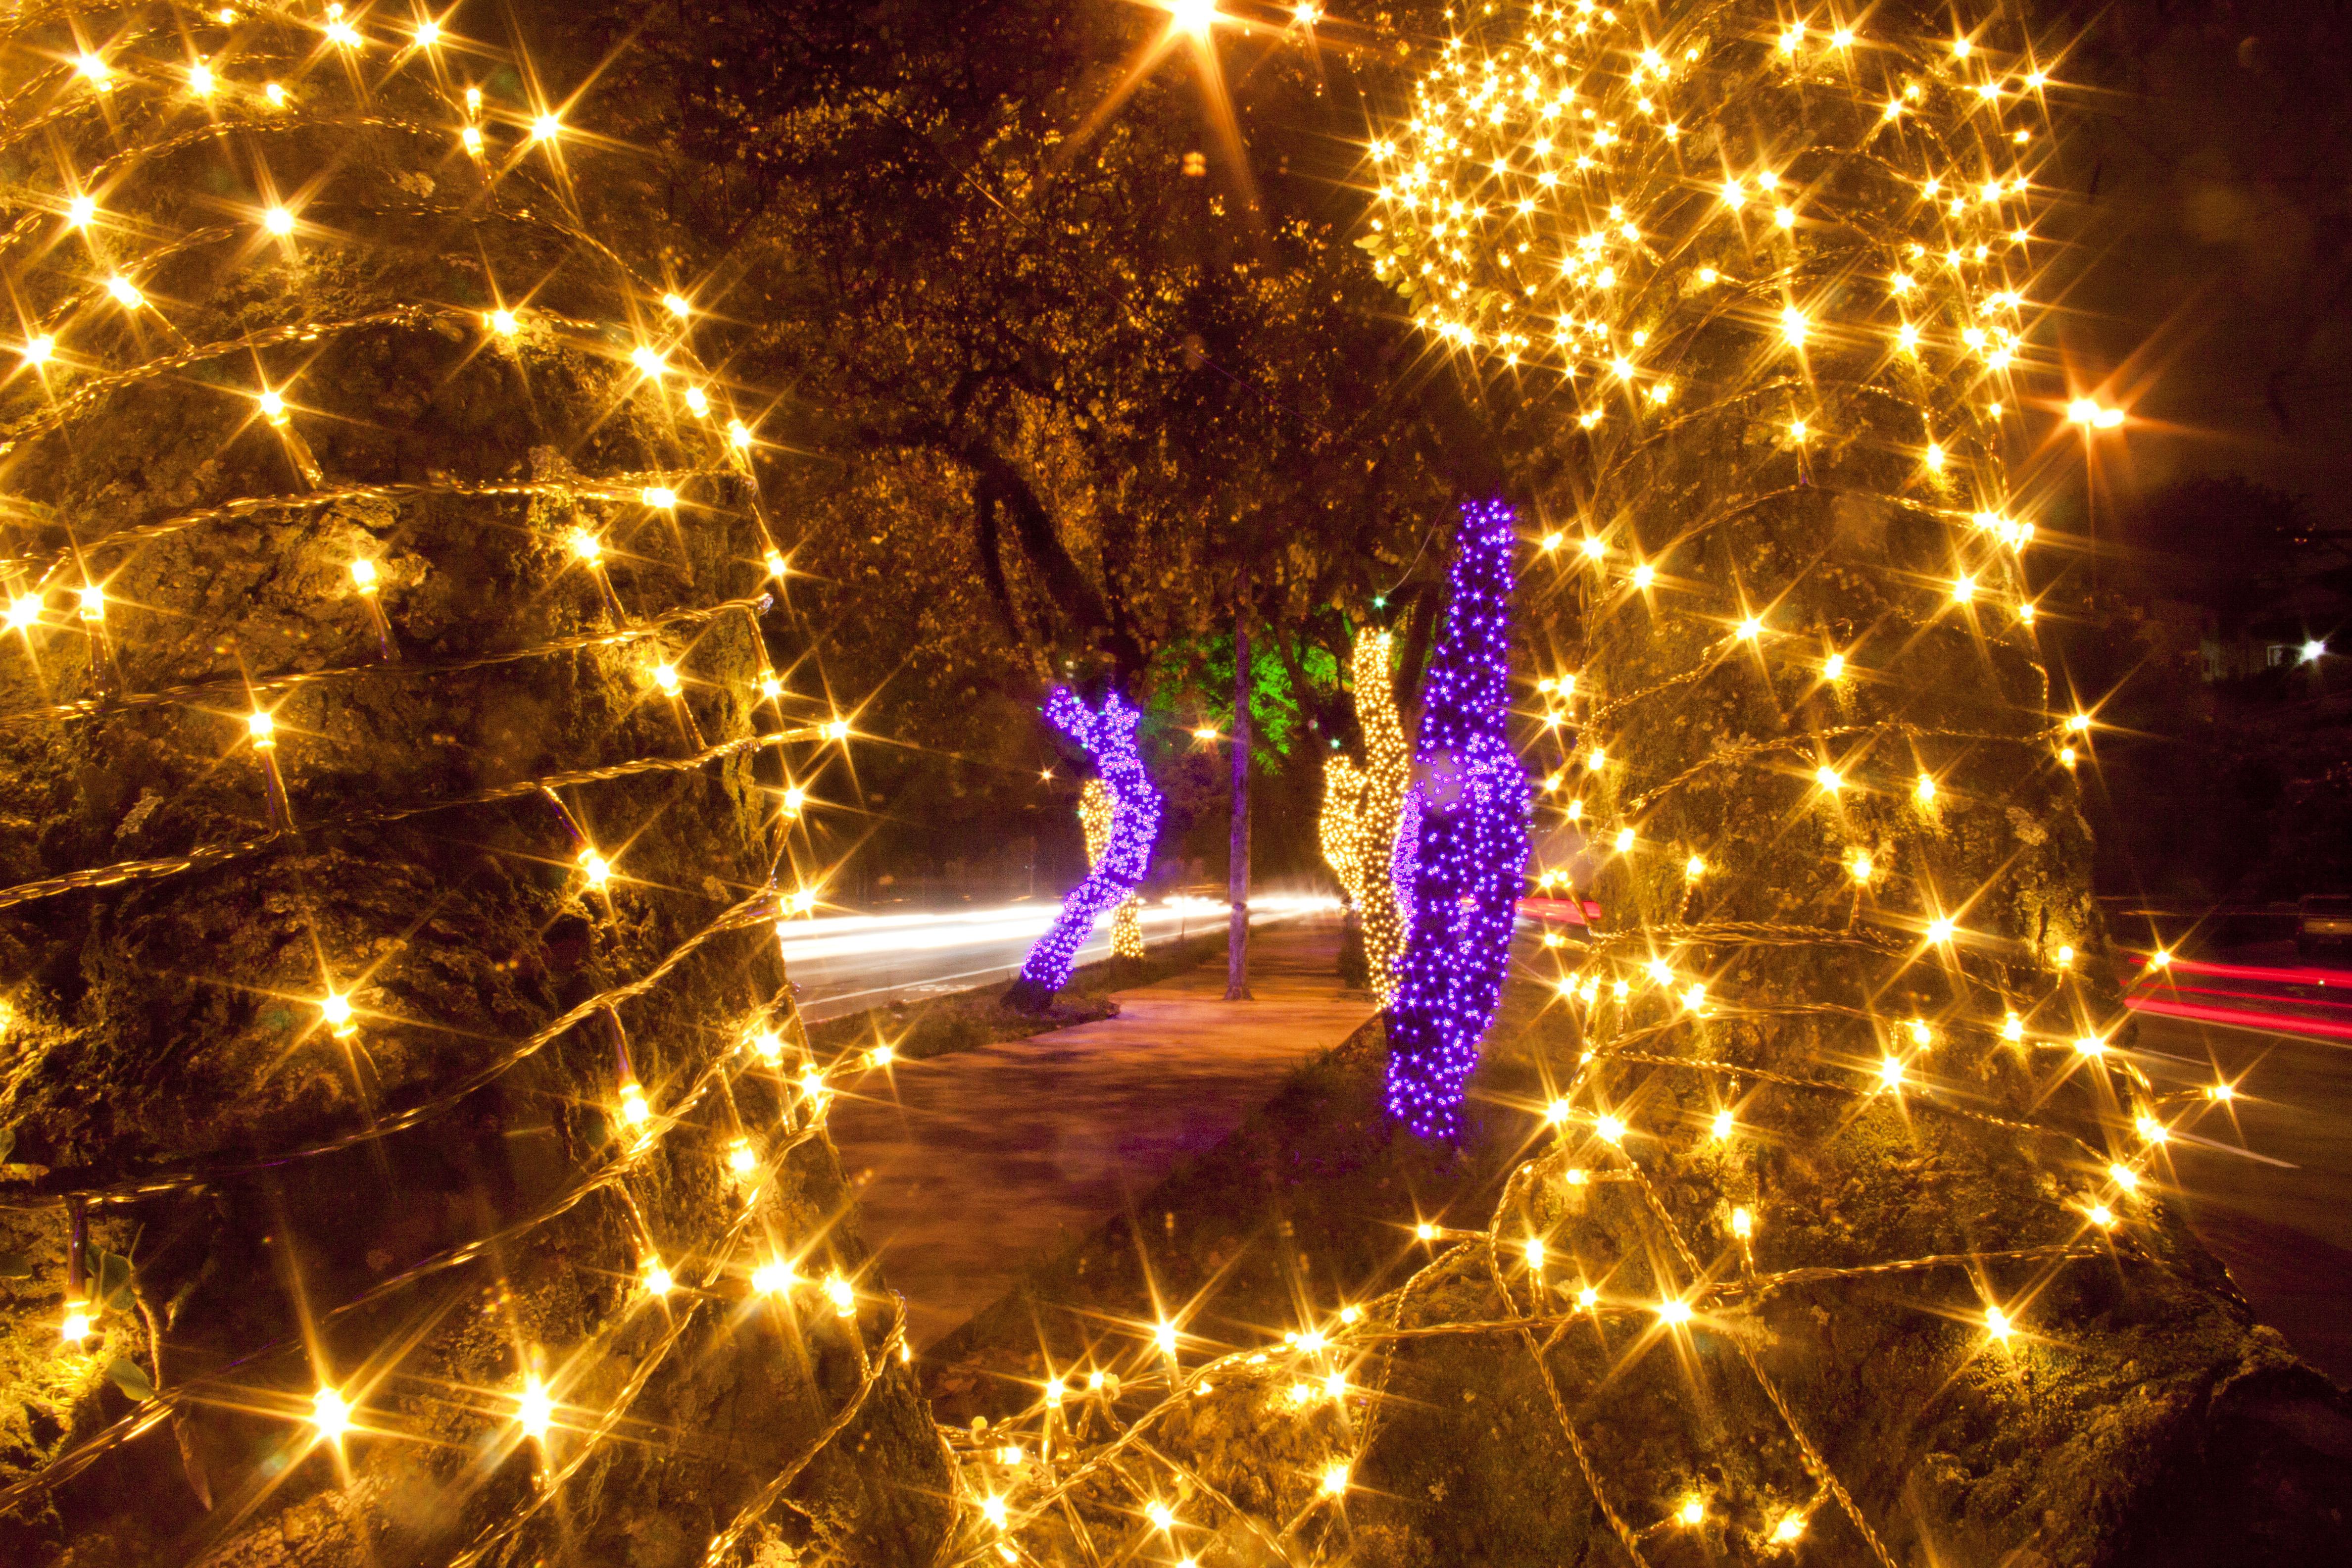 Iluminação na Av. Sumaré em 2013 - Foto: José Cordeiro/ SPTuris.